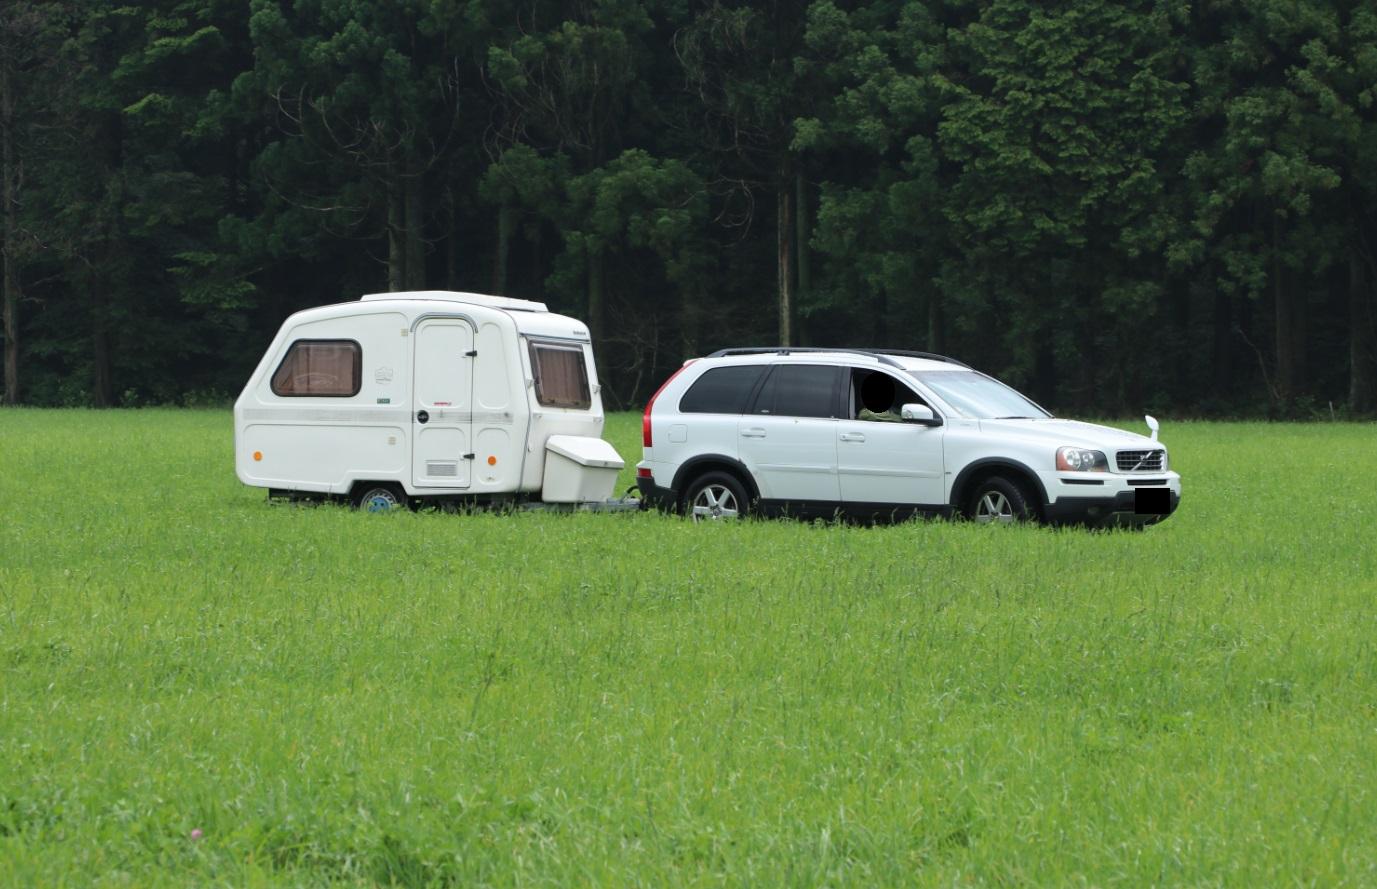 ニワドー, マイクロライト, フリーダム, キャンピングトレーラー, トレーラー, キャラバン, microlite, camping trailer, trailer, caravan, volvo, peugeot, 206sw, xc90,